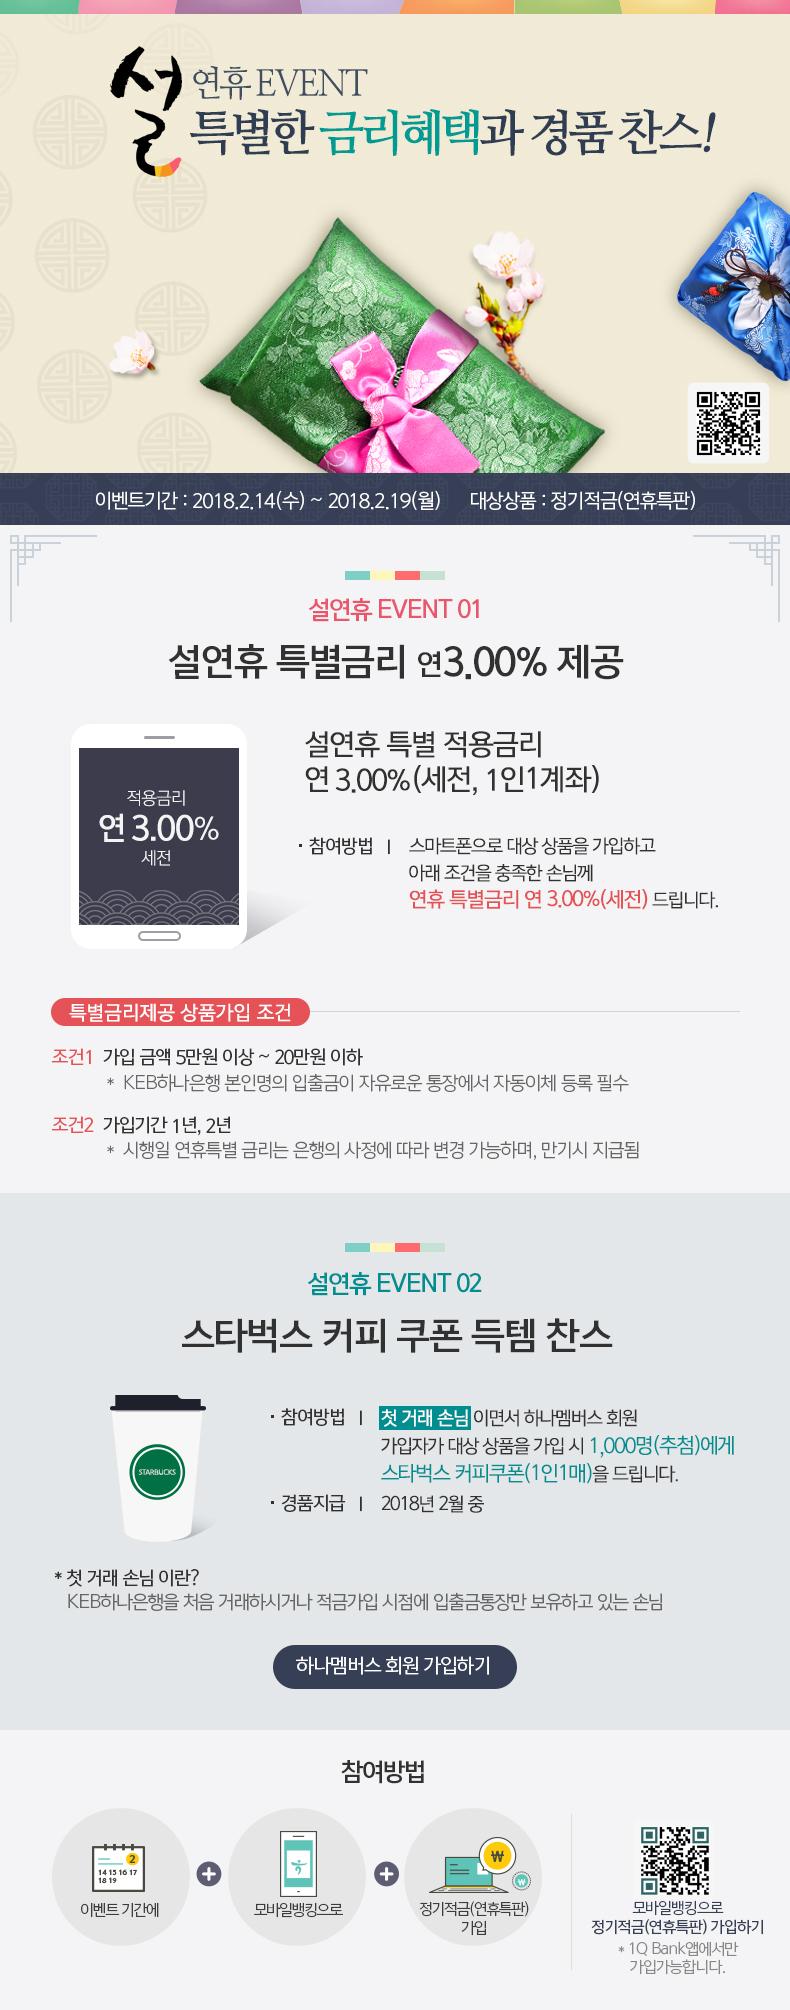 설연휴 EVENT- 특별한 금리혜택과 경품 찬스!